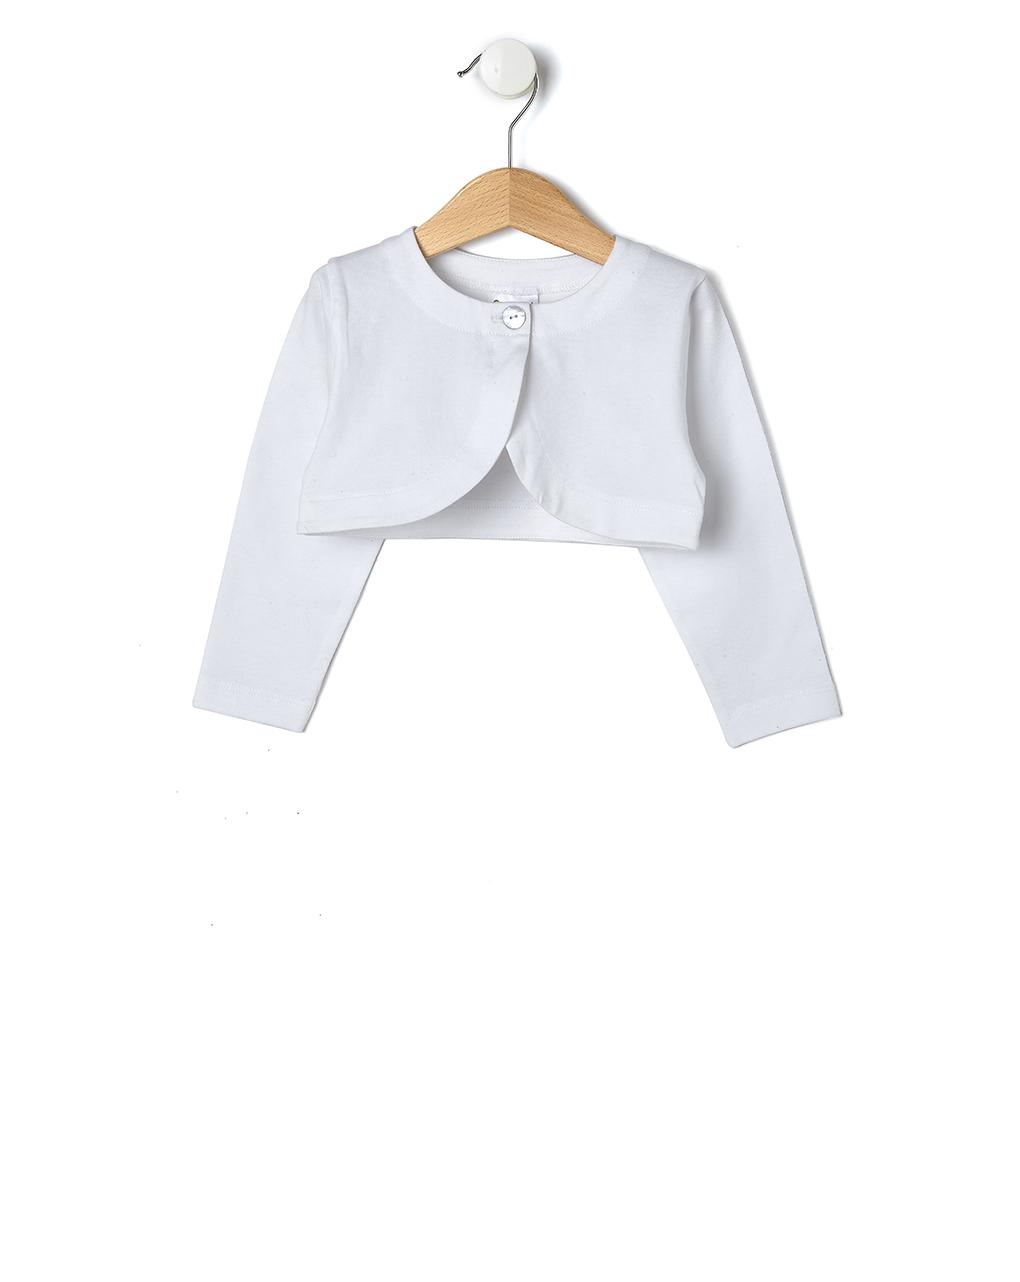 Ζακετάκι Μπολερό Jersey Λευκό για Κορίτσι